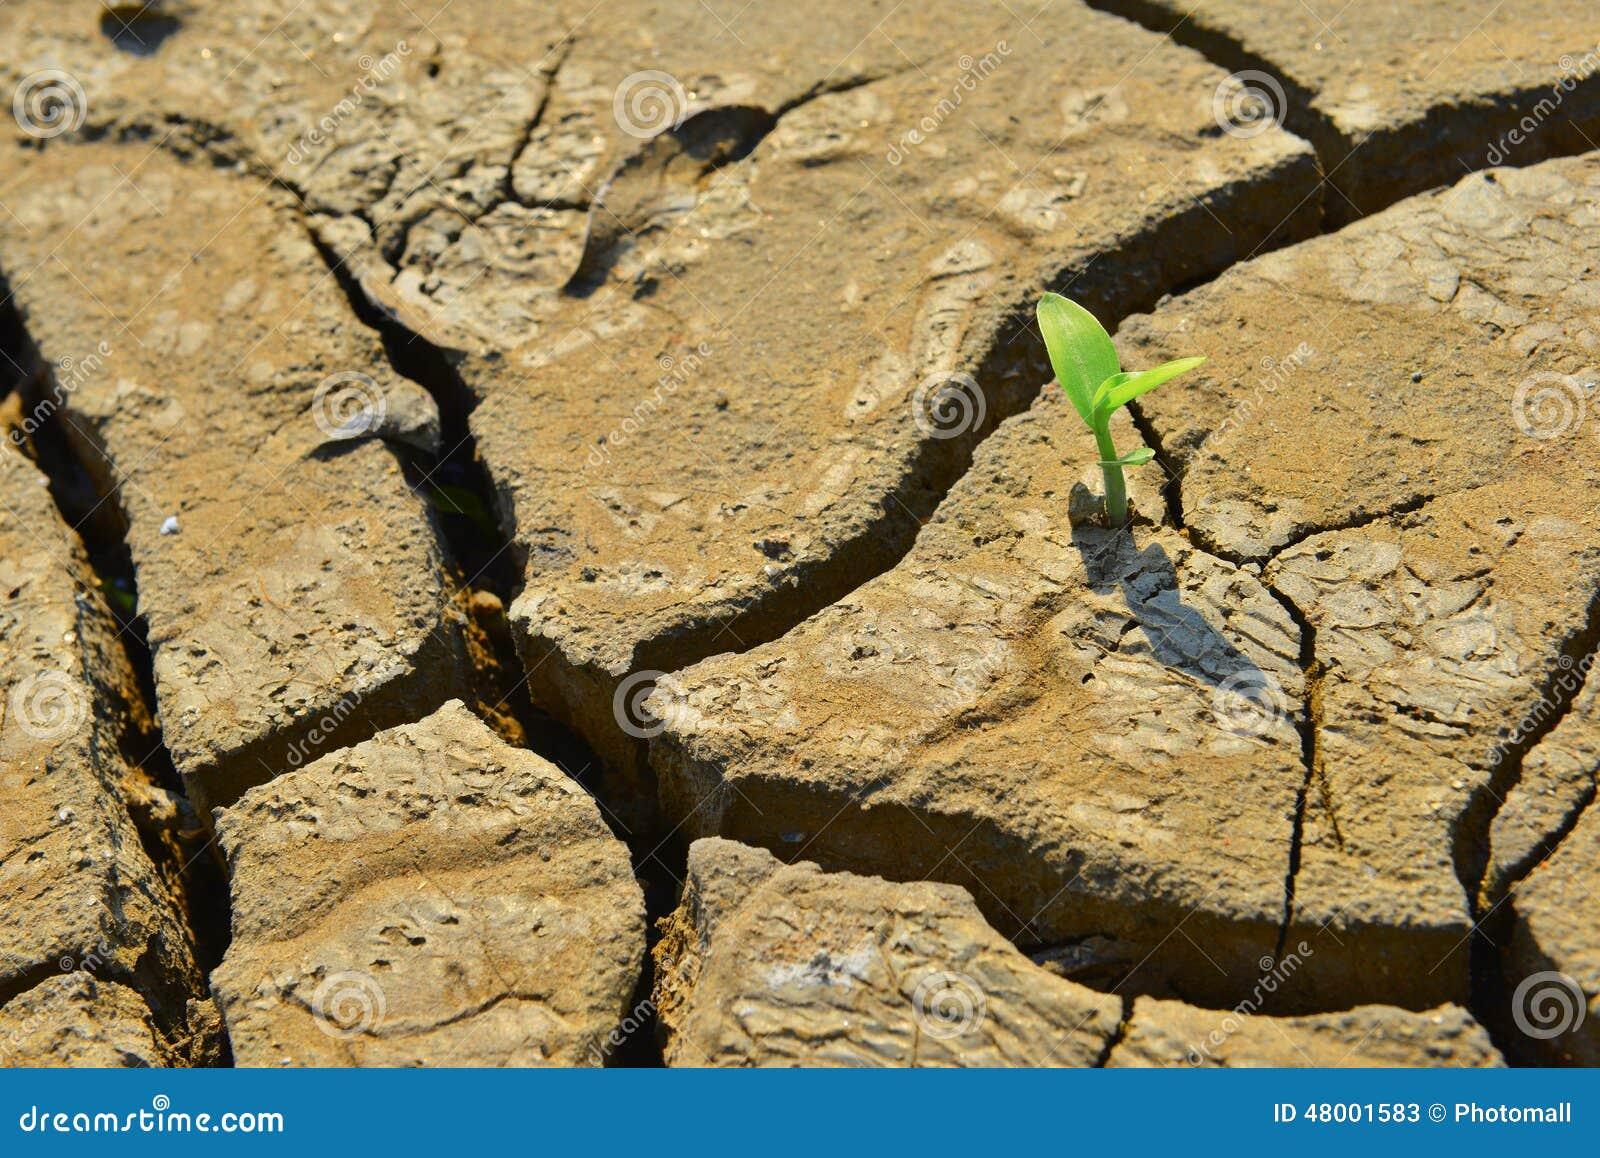 De droge gebarsten land Groene spruit, sluit omhoog, het nieuwe leven, nieuwe hoop, heelt de wereld